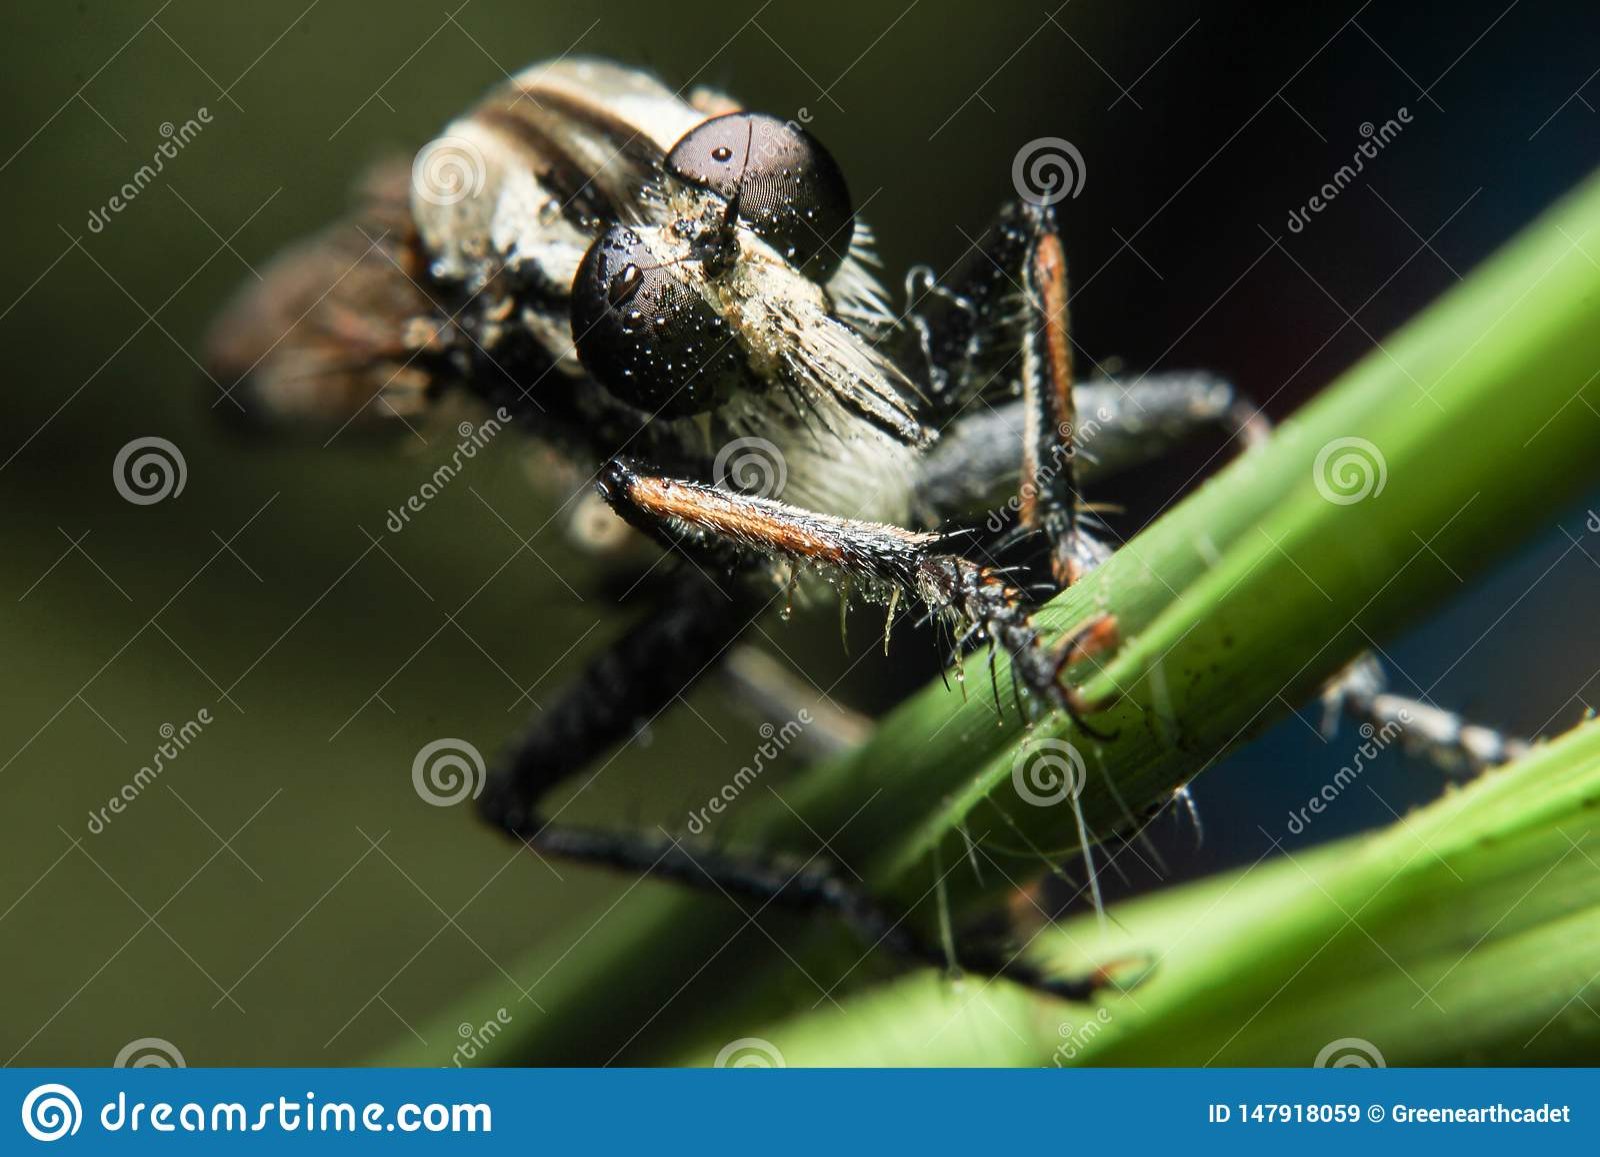 Macrofotografie van Oranje Roversvlieg die een insect jagen Wild aardroofdier op het groene die blad op donkere achtergrond wordt